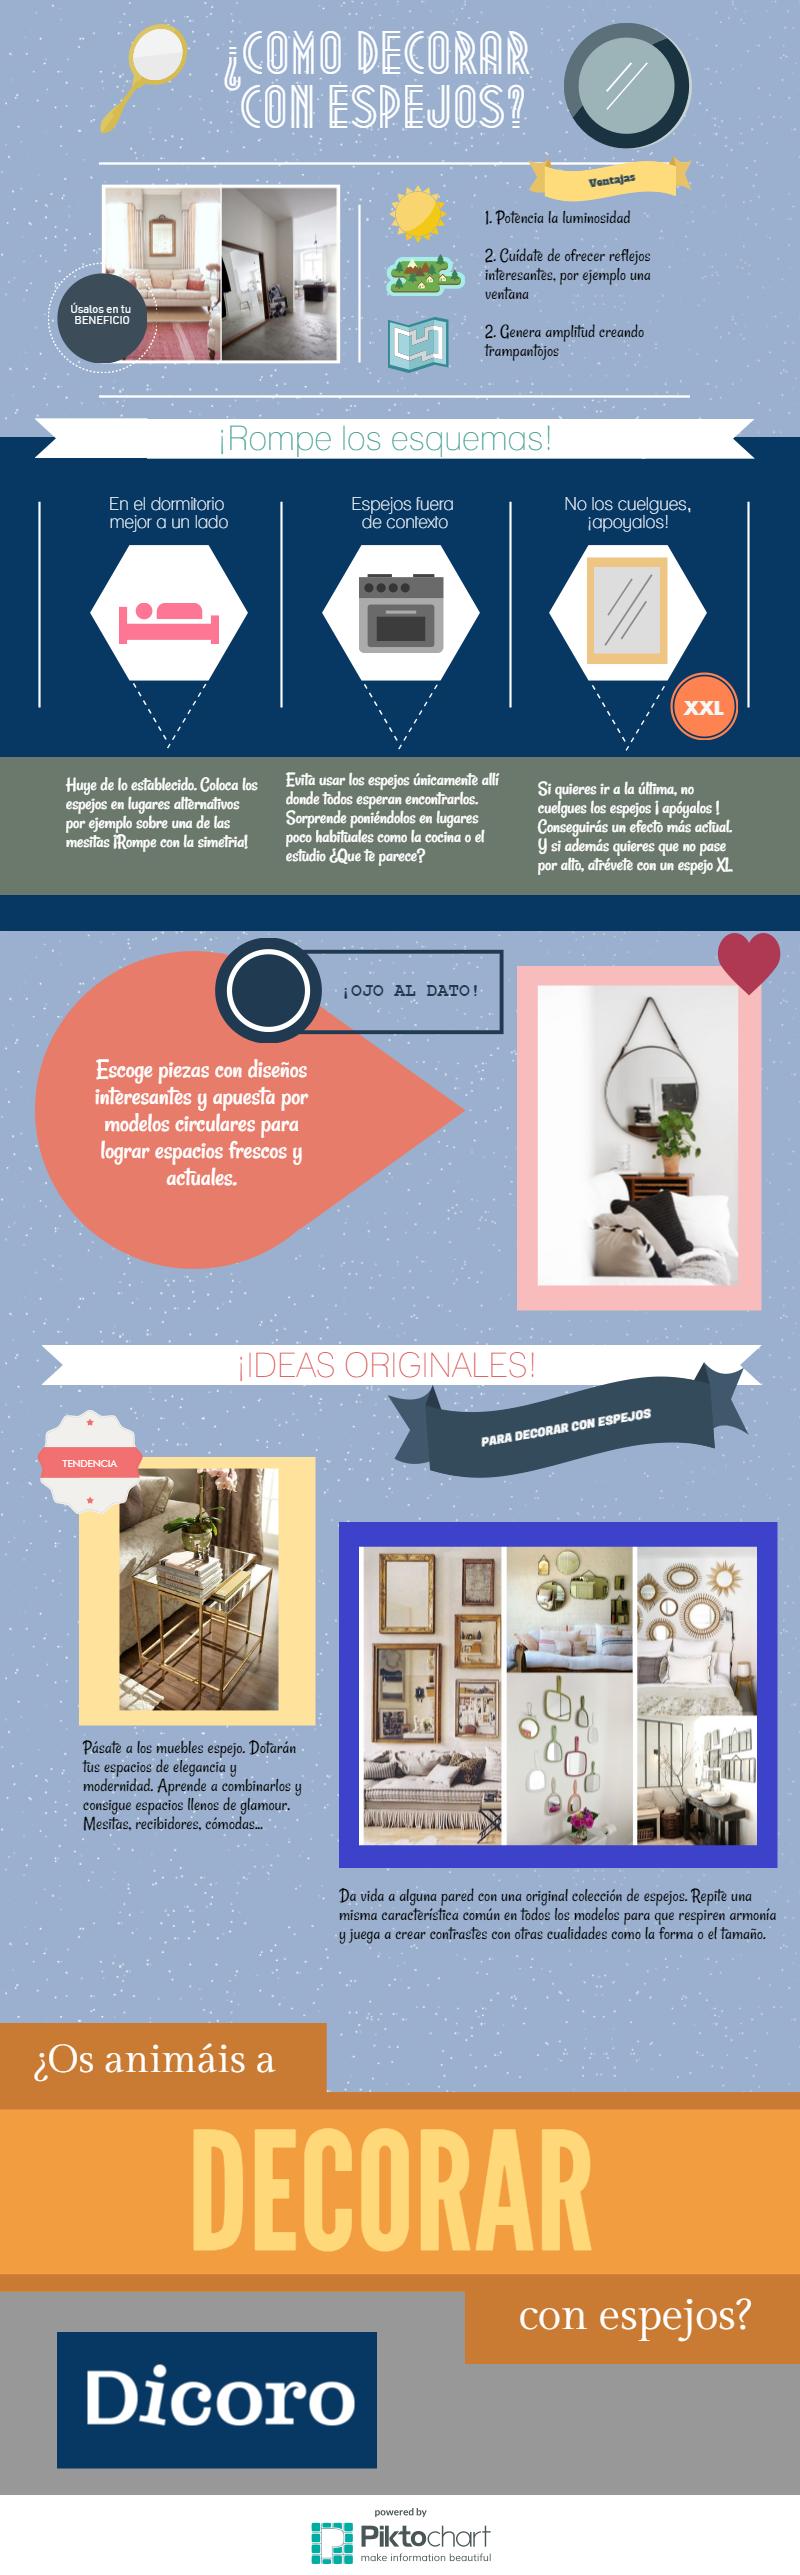 cómo decorar con espejos - Infografía Dicoro